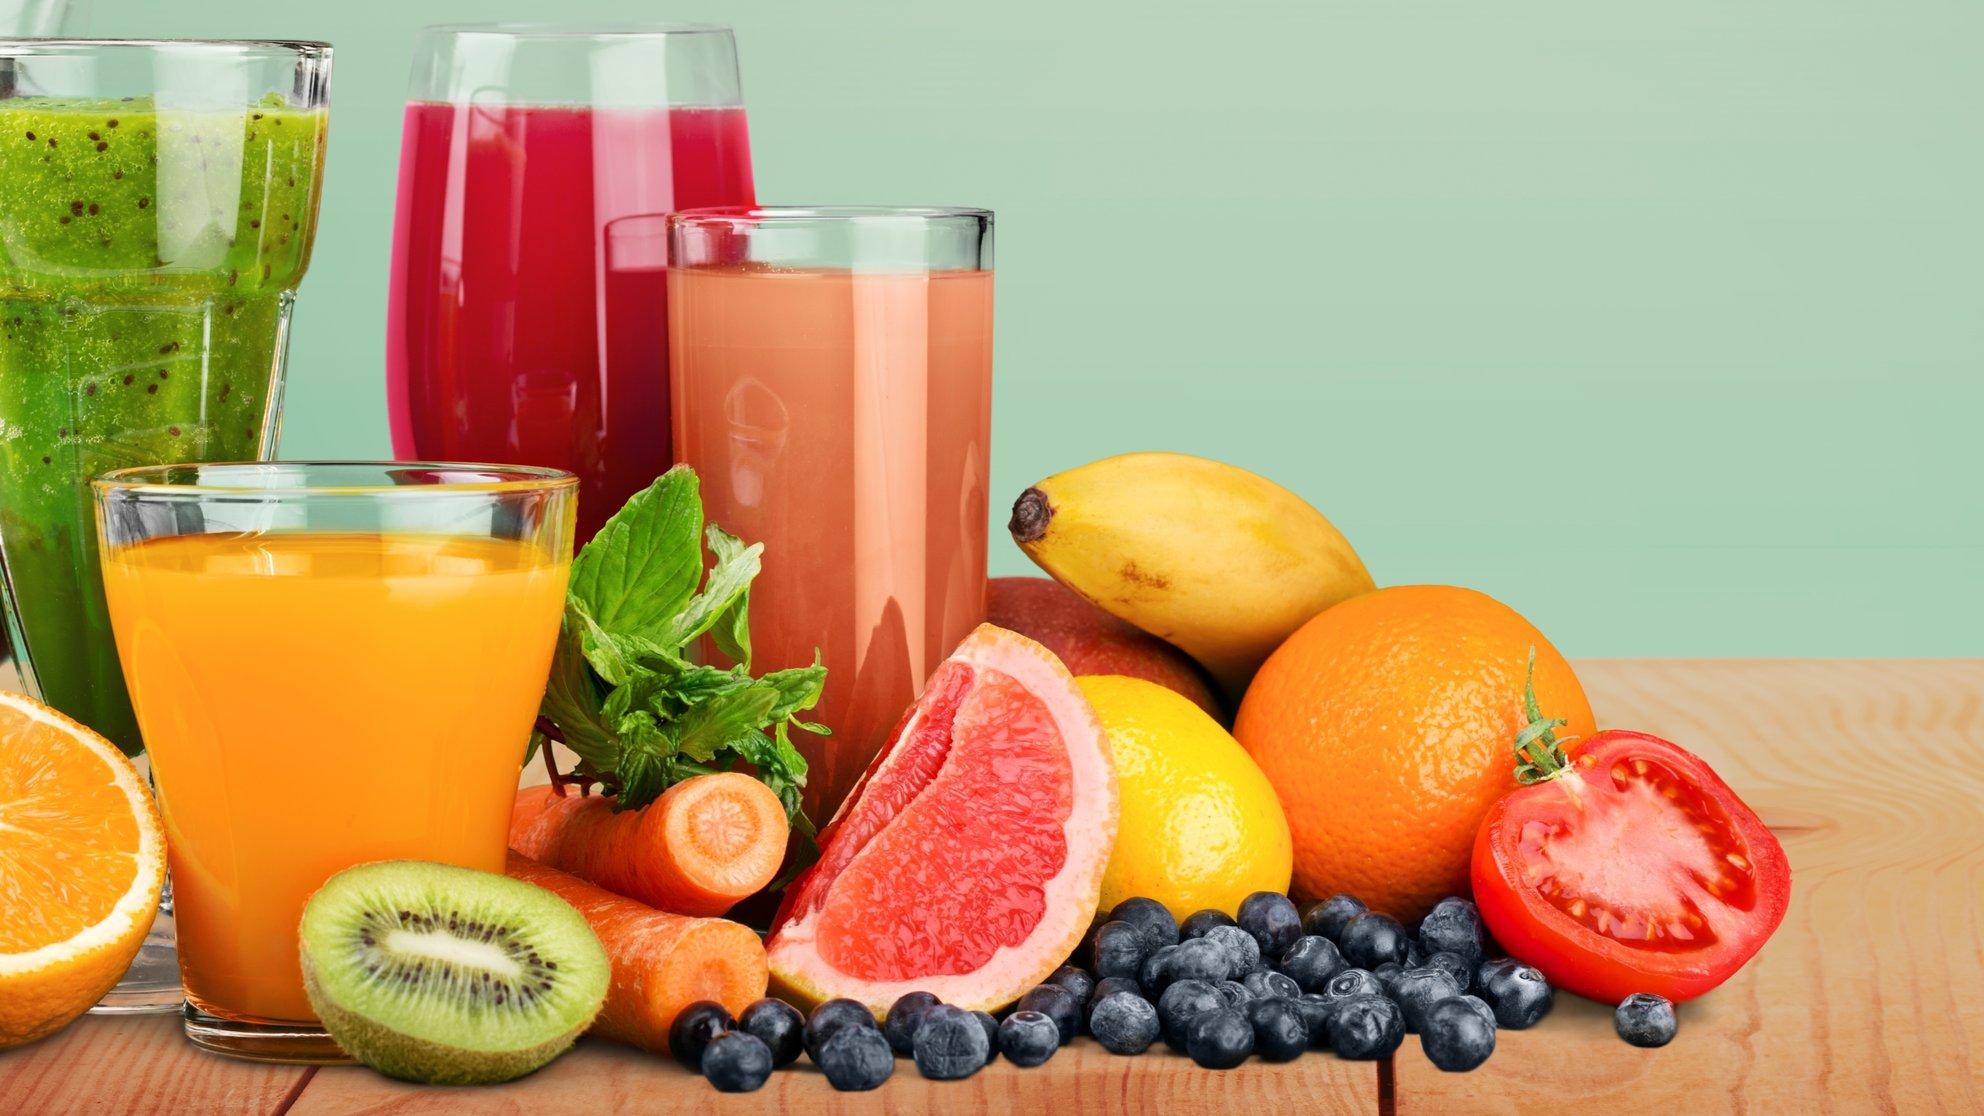 estratto o succo di verdura e frutta